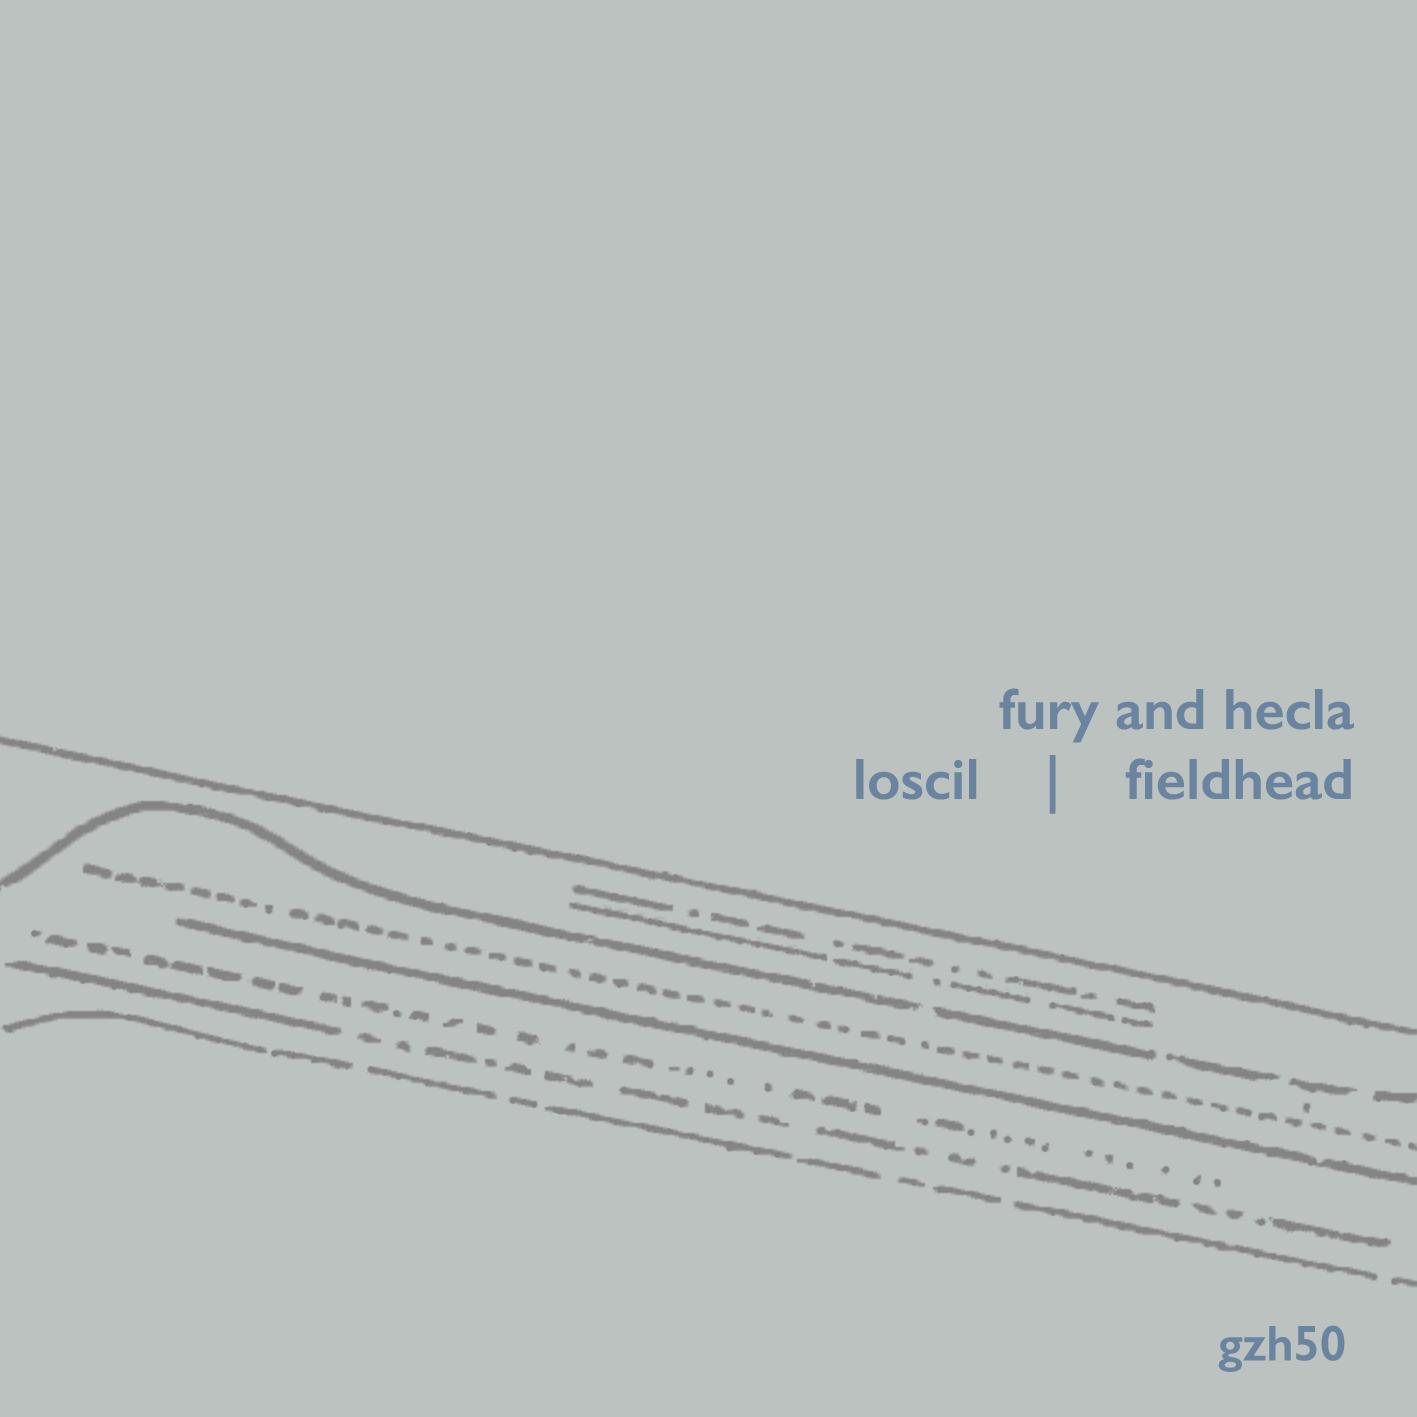 Fieldhead & Loscil